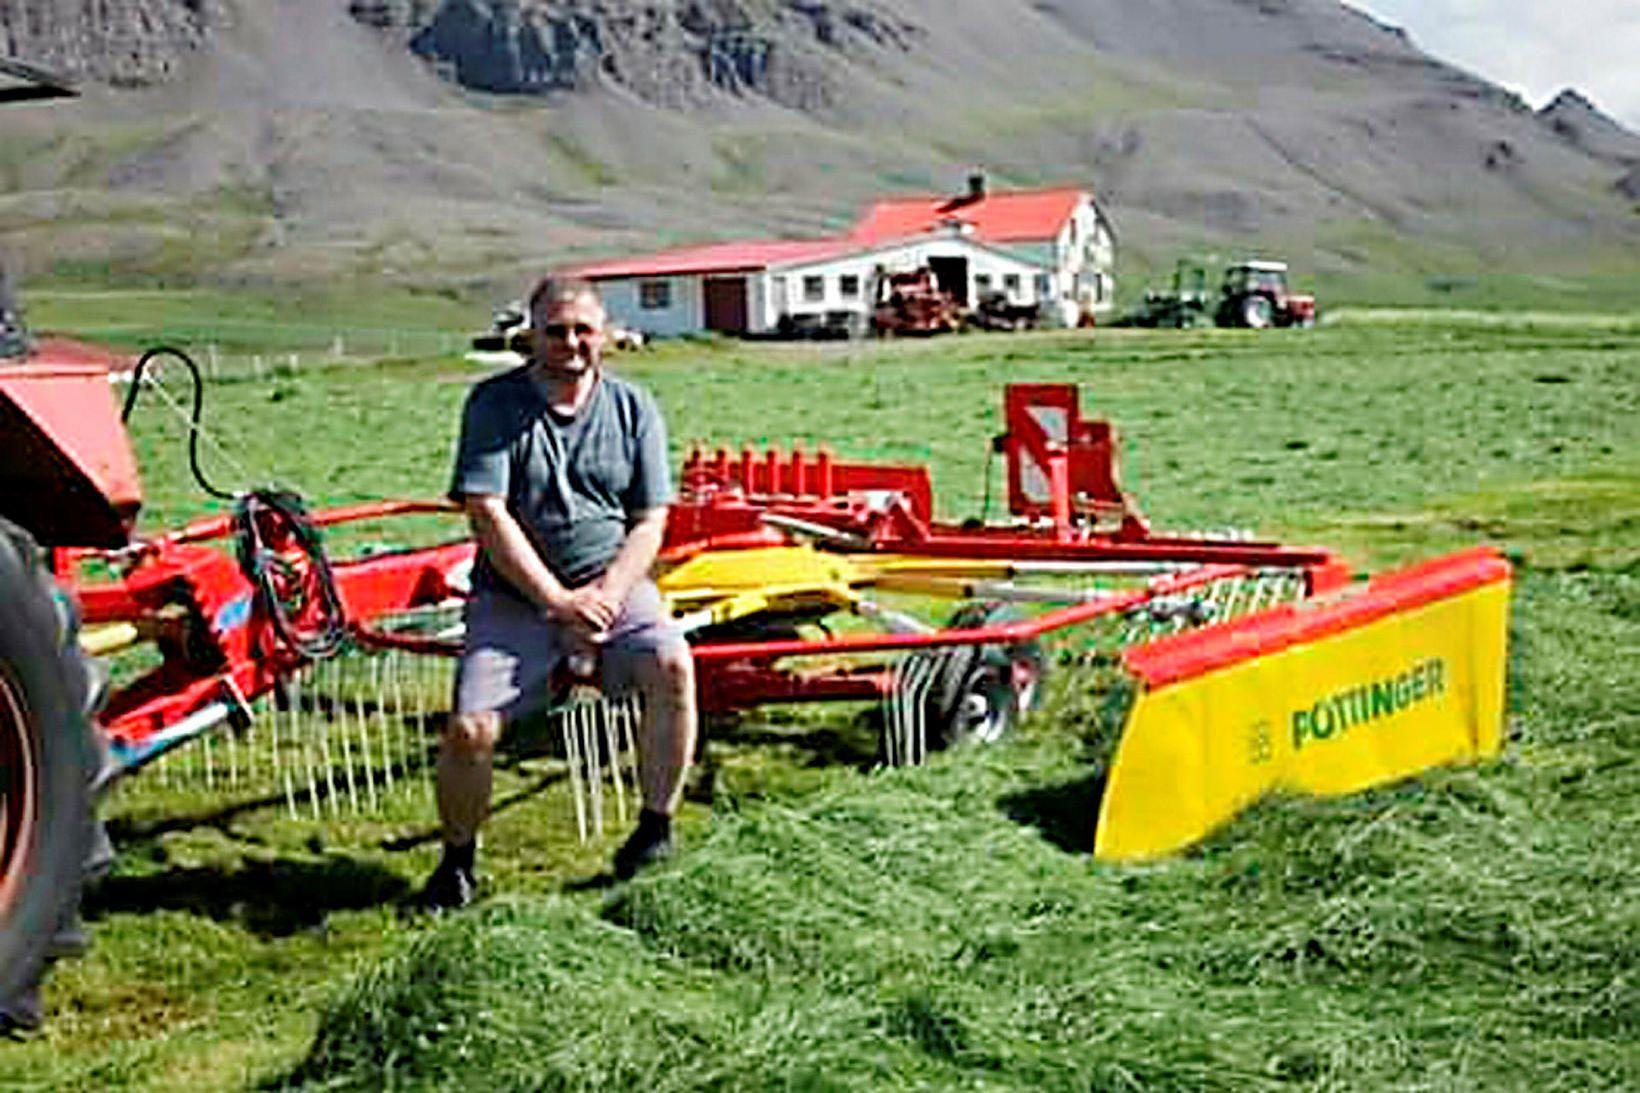 Loðna og landbúnaður. Arnar Eysteinsson við heyskap heima í Stórholti.